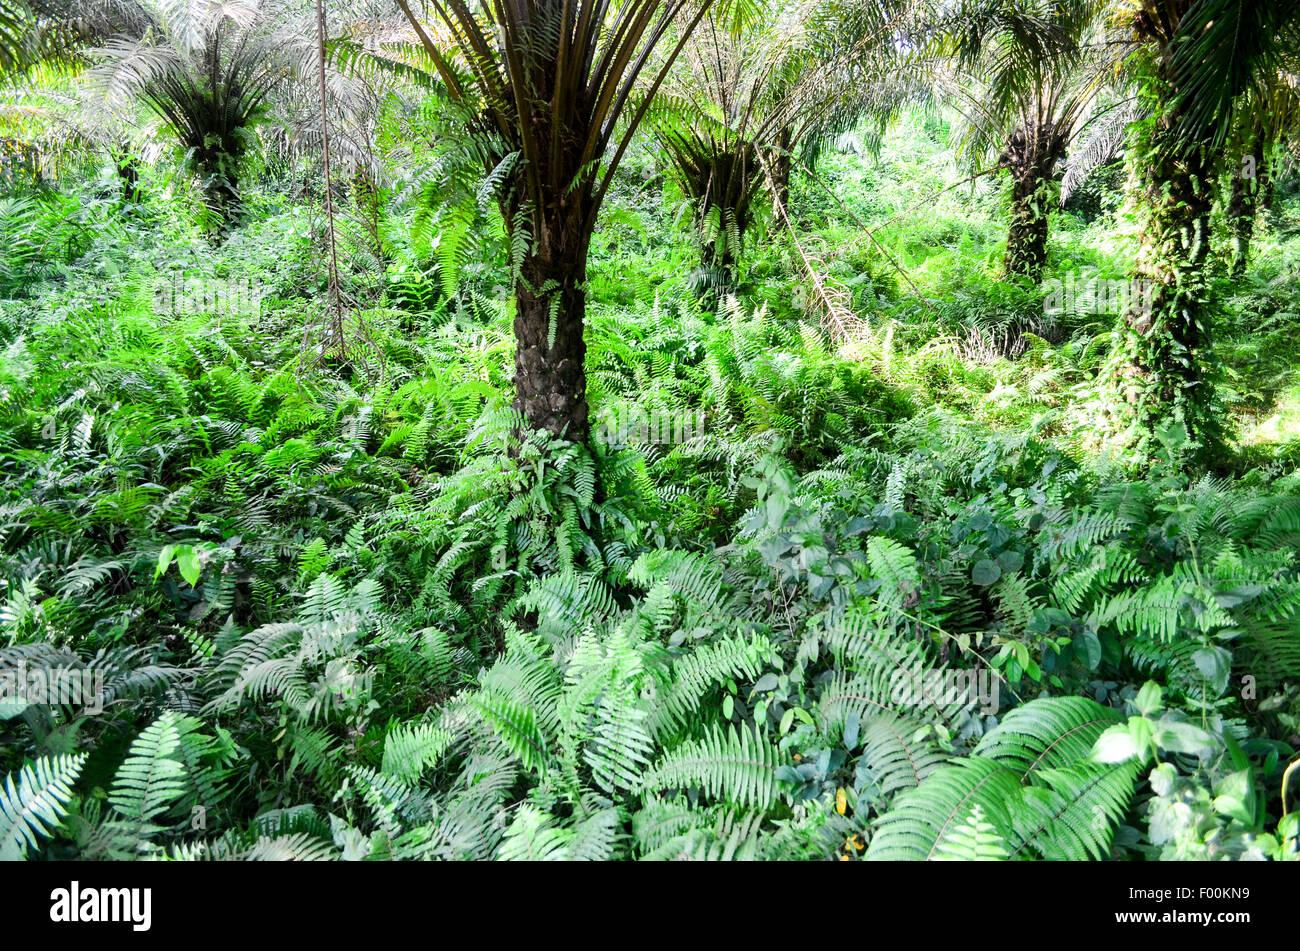 Greenery in Ghana, a tropical scene - Stock Image